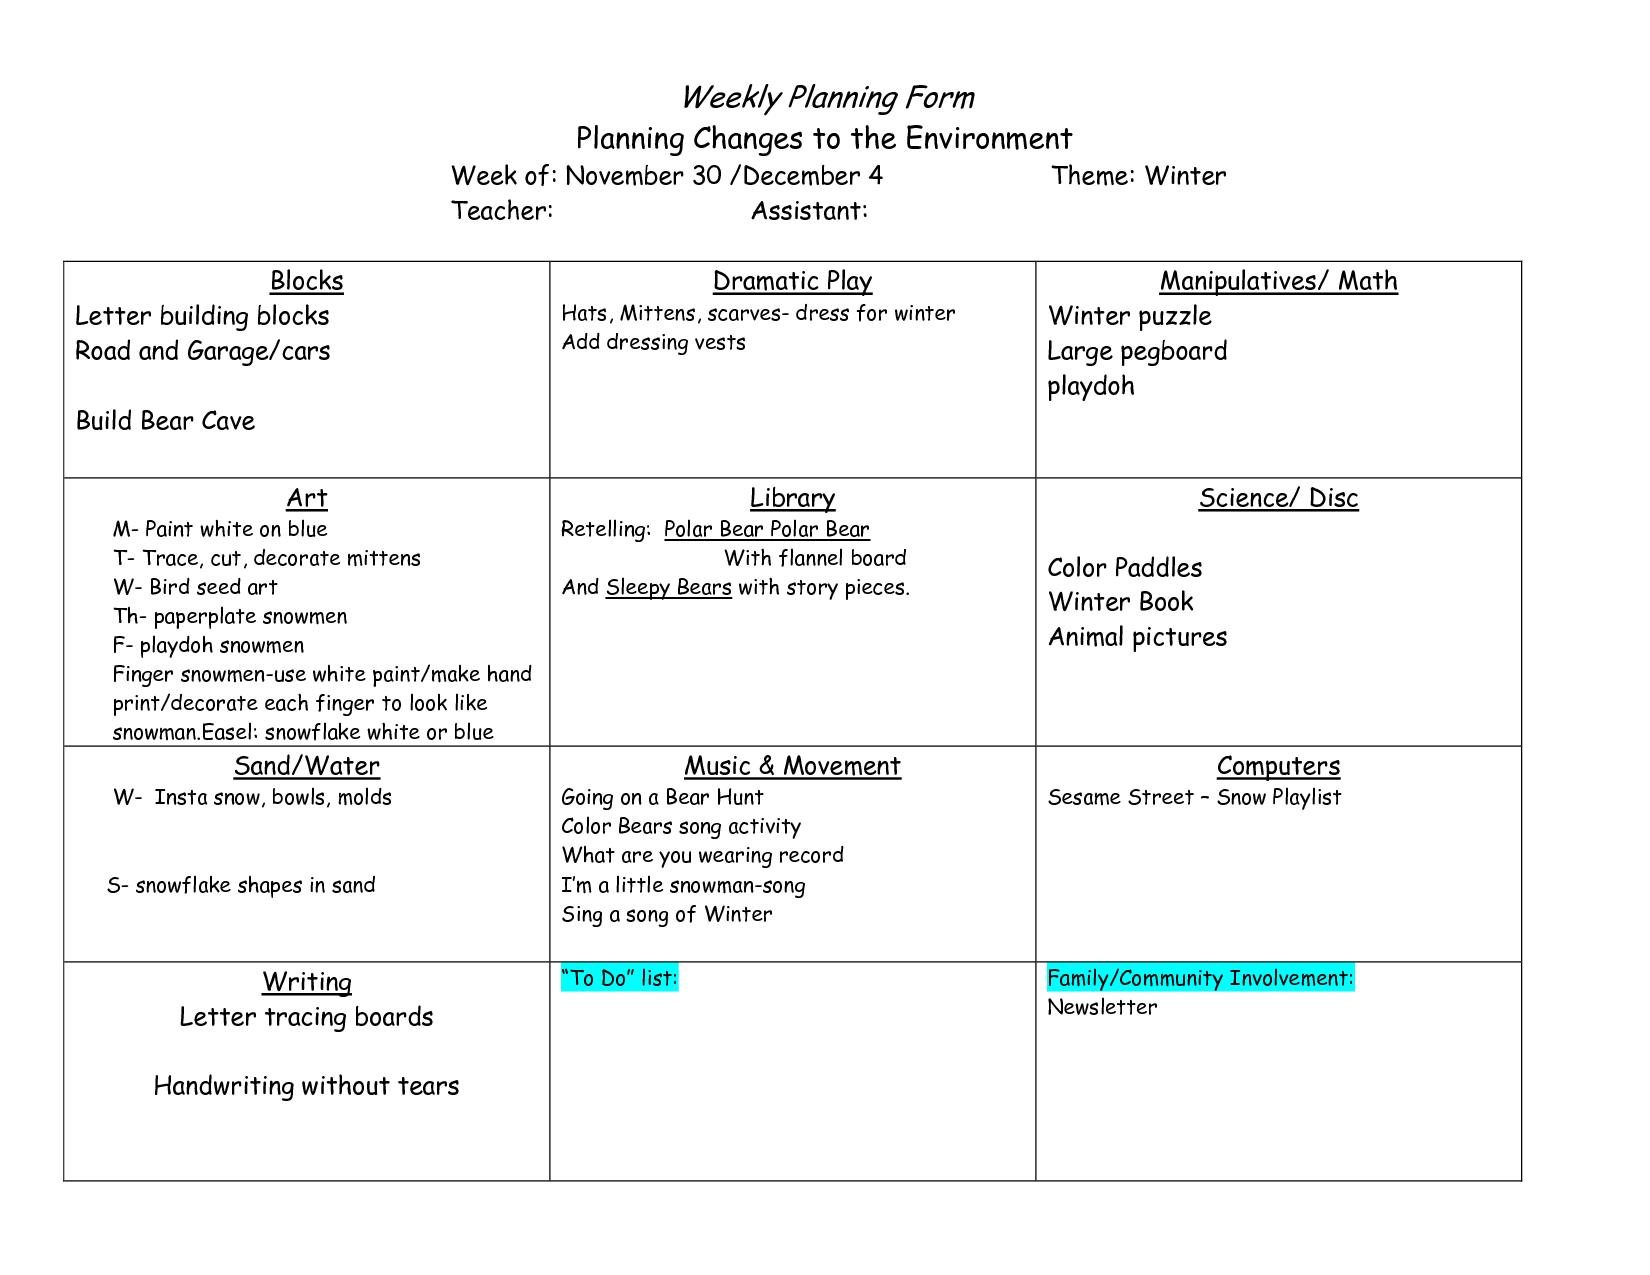 Creative Curriculum Blank Lesson Plan | Bienvenue sur le site de l ...